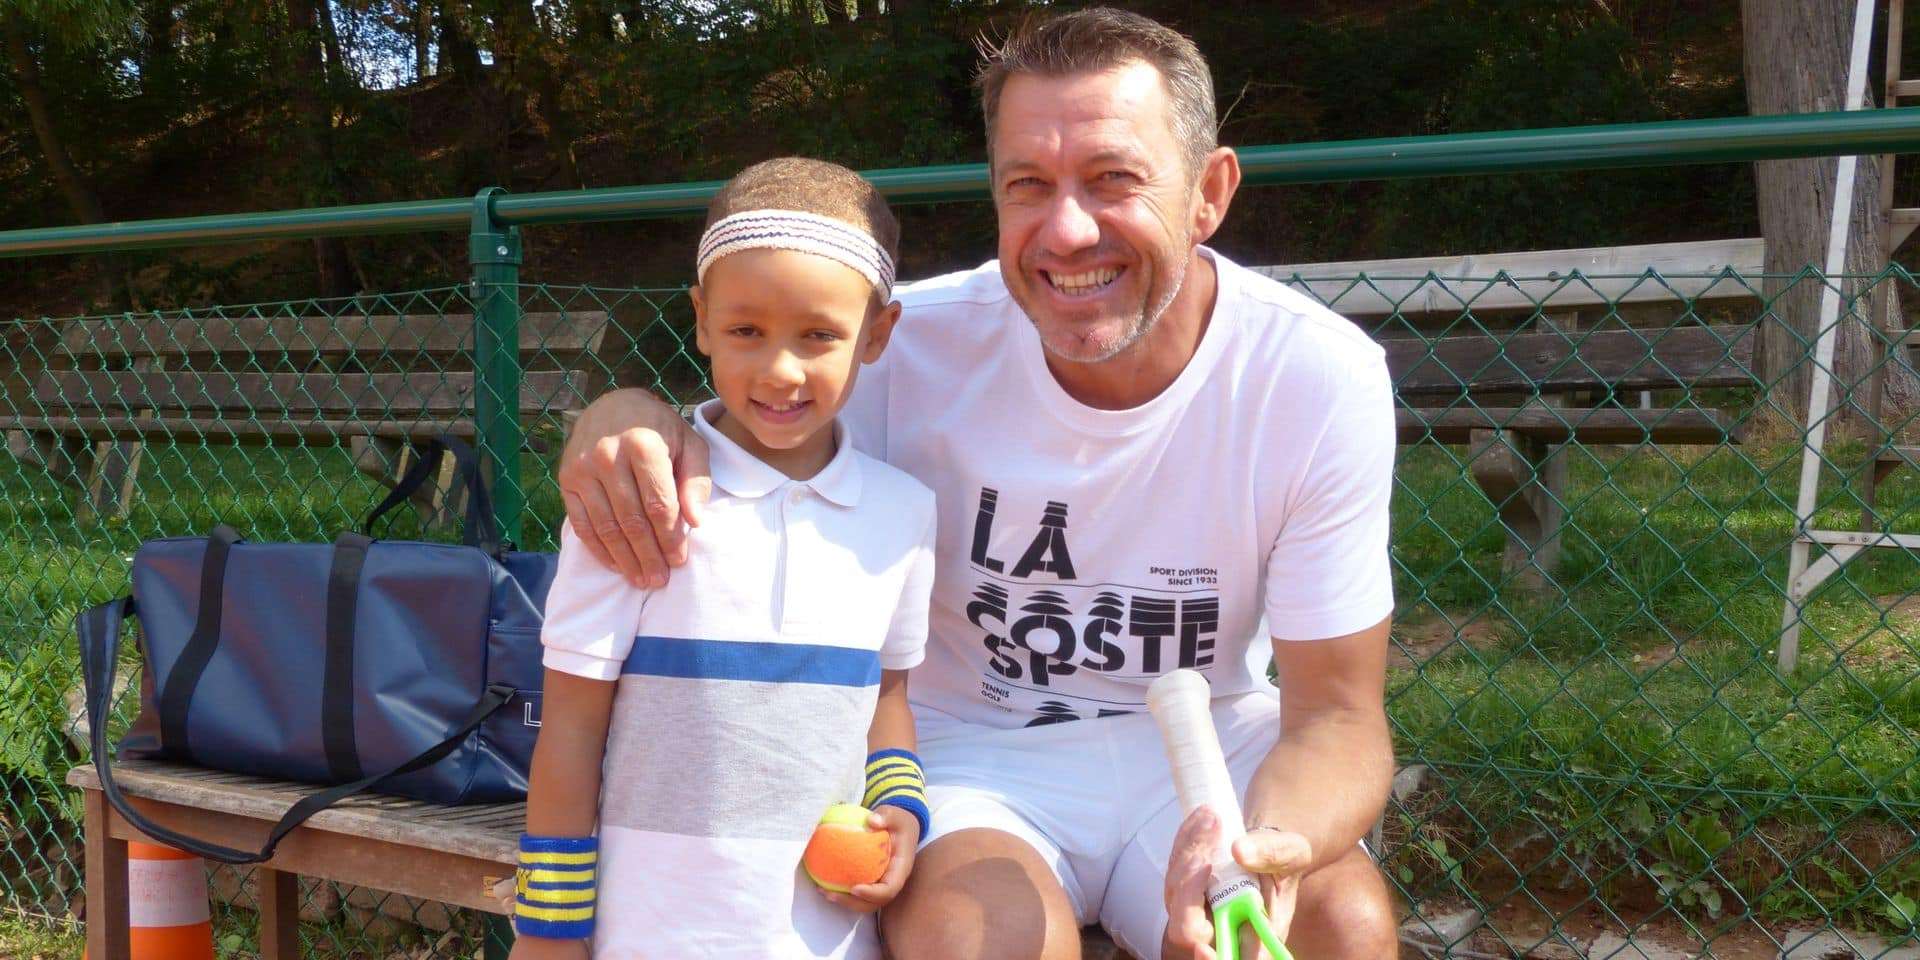 A 5 ans à peine, Matteo Camilo s'est entrainé avec Thierry Van Cleemput